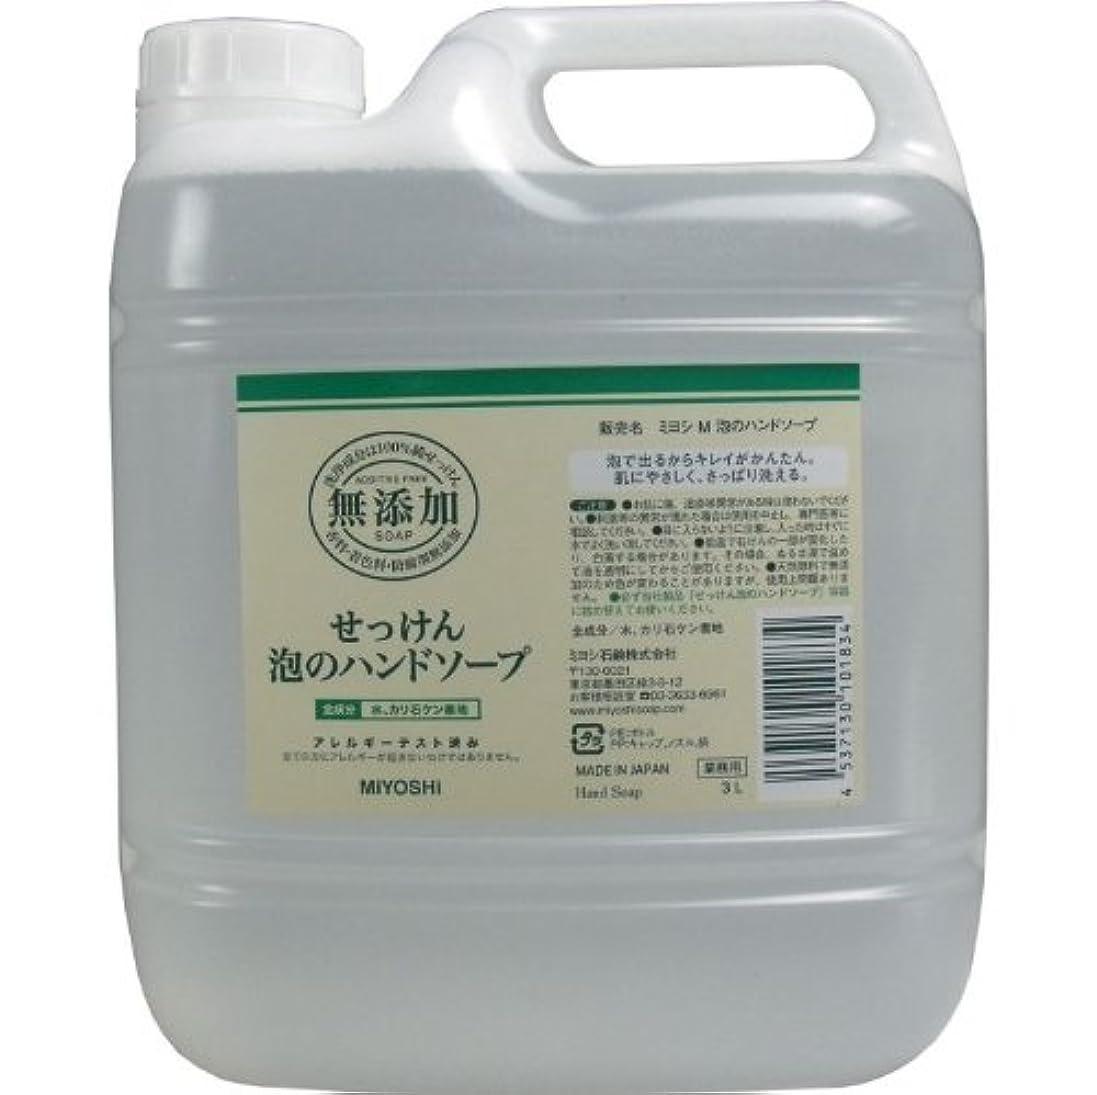 クレーン才能いろいろ泡で出るからキレイが簡単!家事の間のサッと洗いも簡単!香料、着色料、防腐剤無添加!(業務用)3L【5個セット】